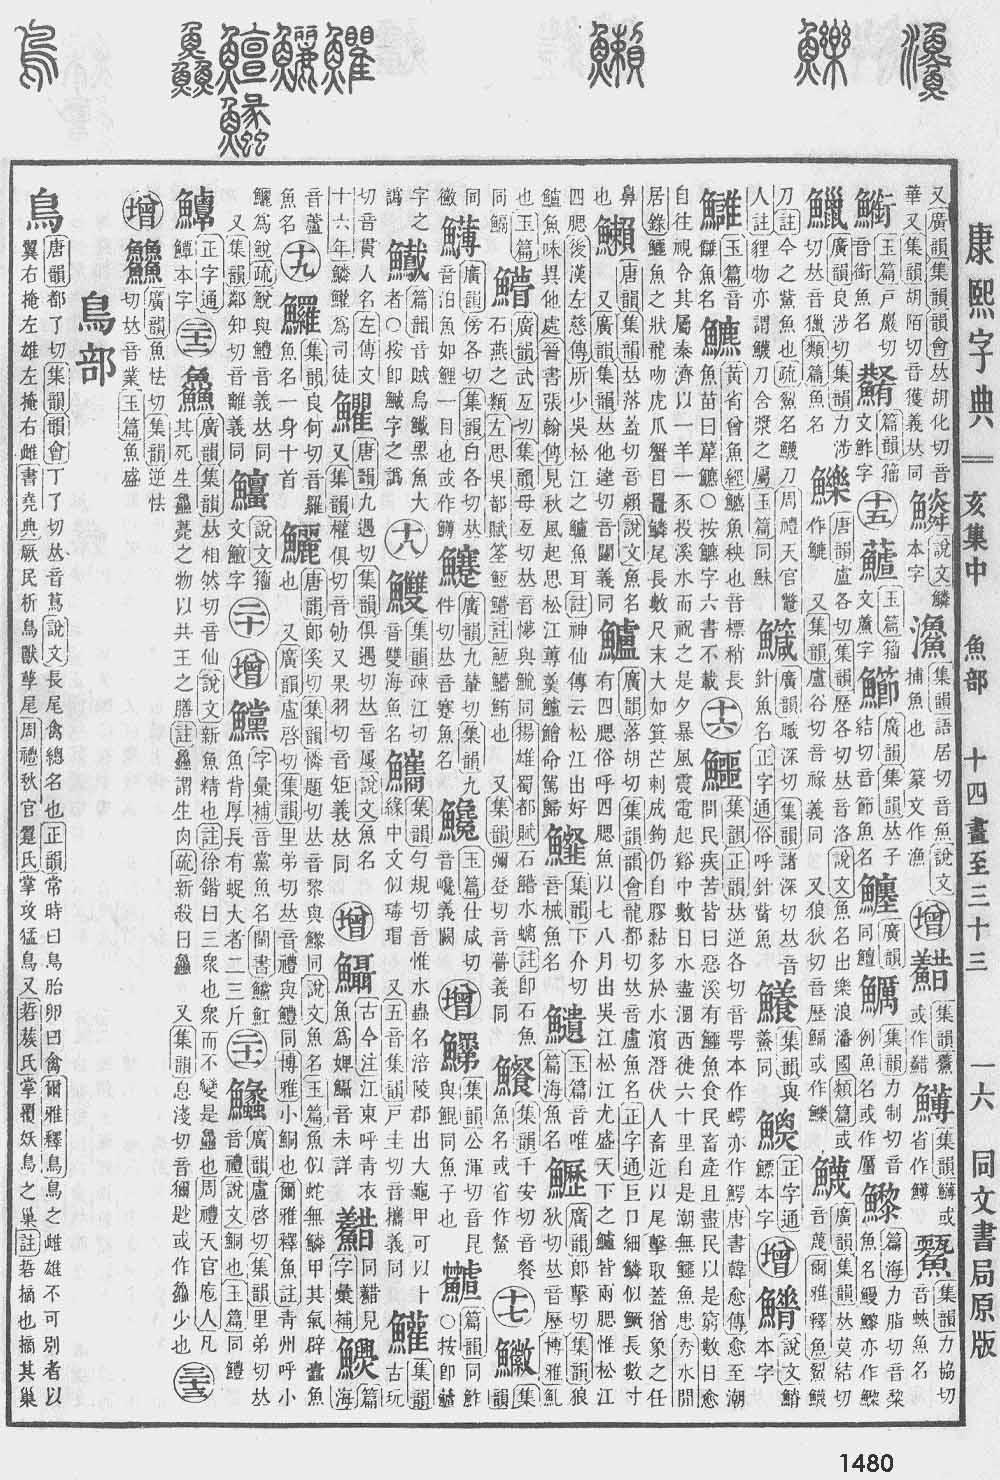 《康熙字典》第1480页